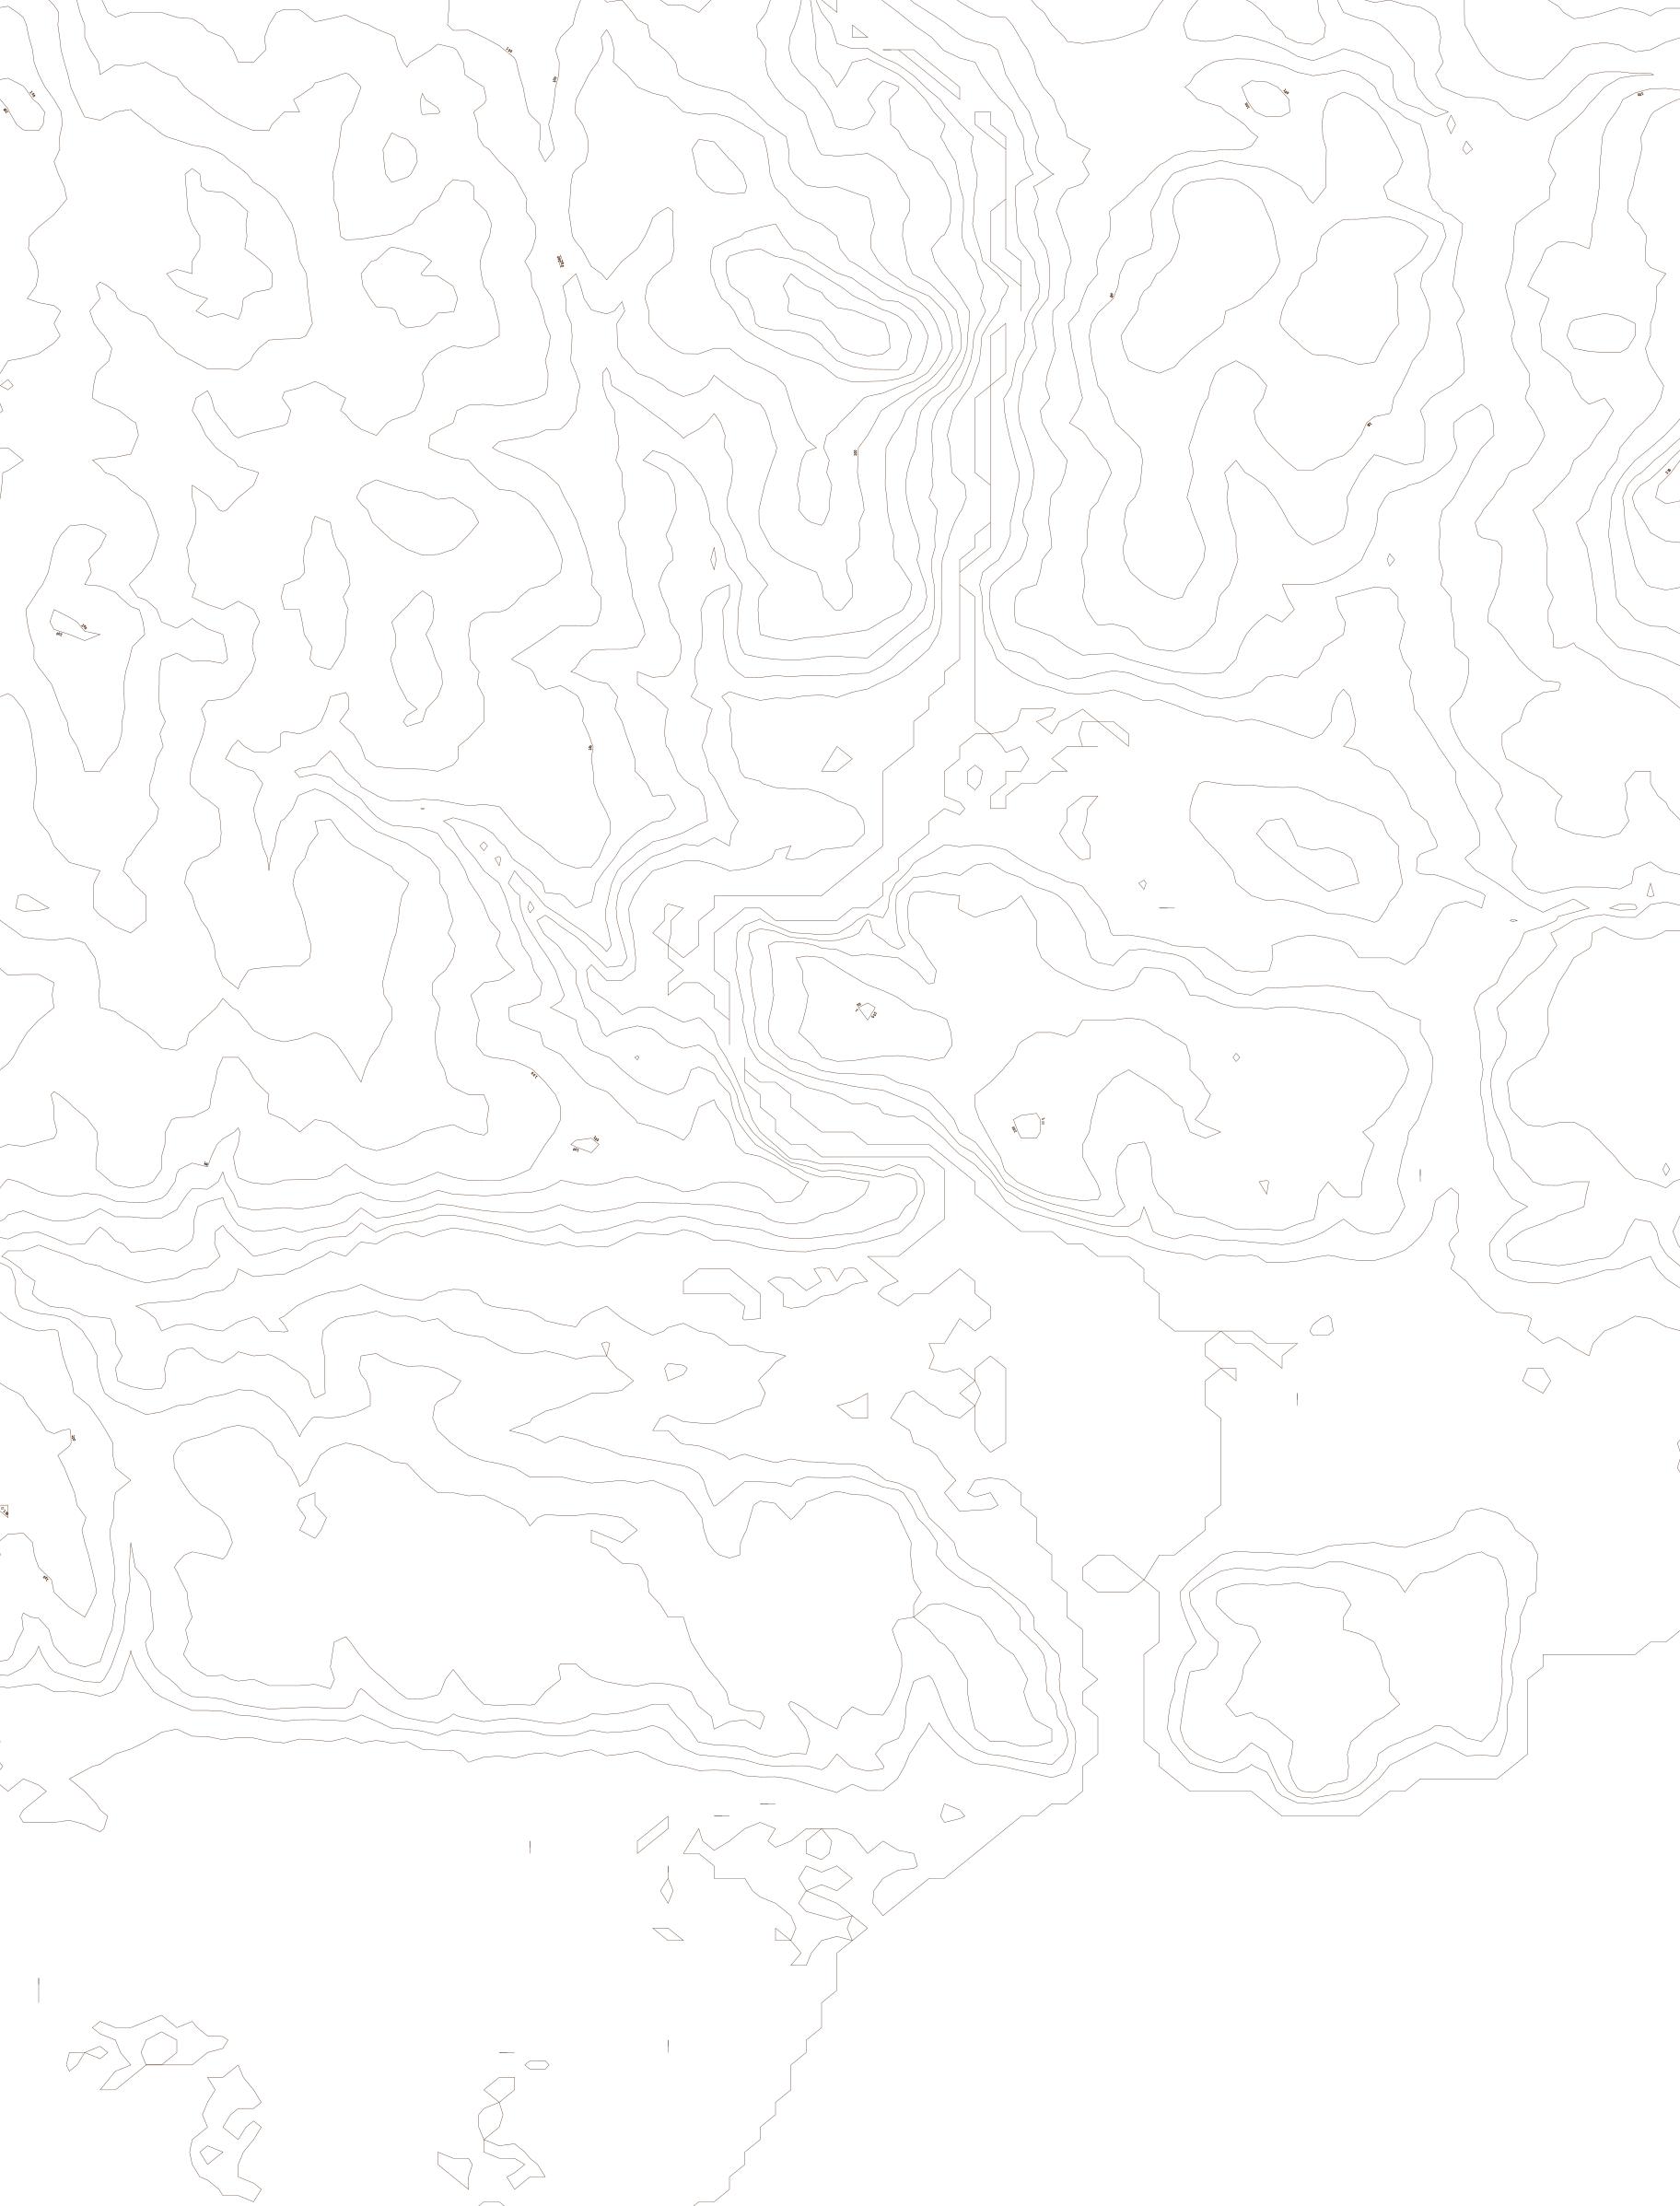 structuration_documents/designs/contours1.png